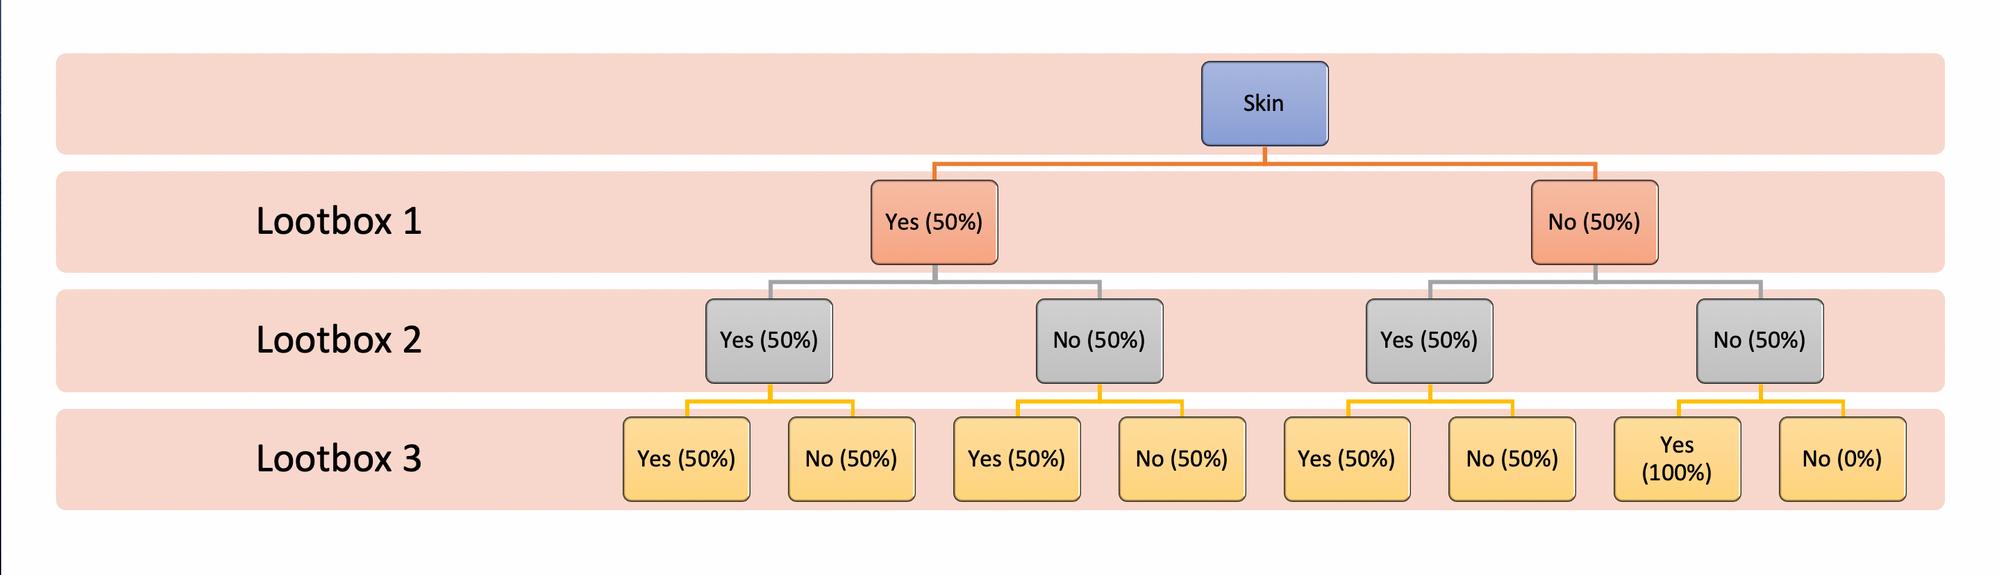 Baumdiagramm für die Dropchance von Skins für drei geöffnete Hextech Chests in League of Legends